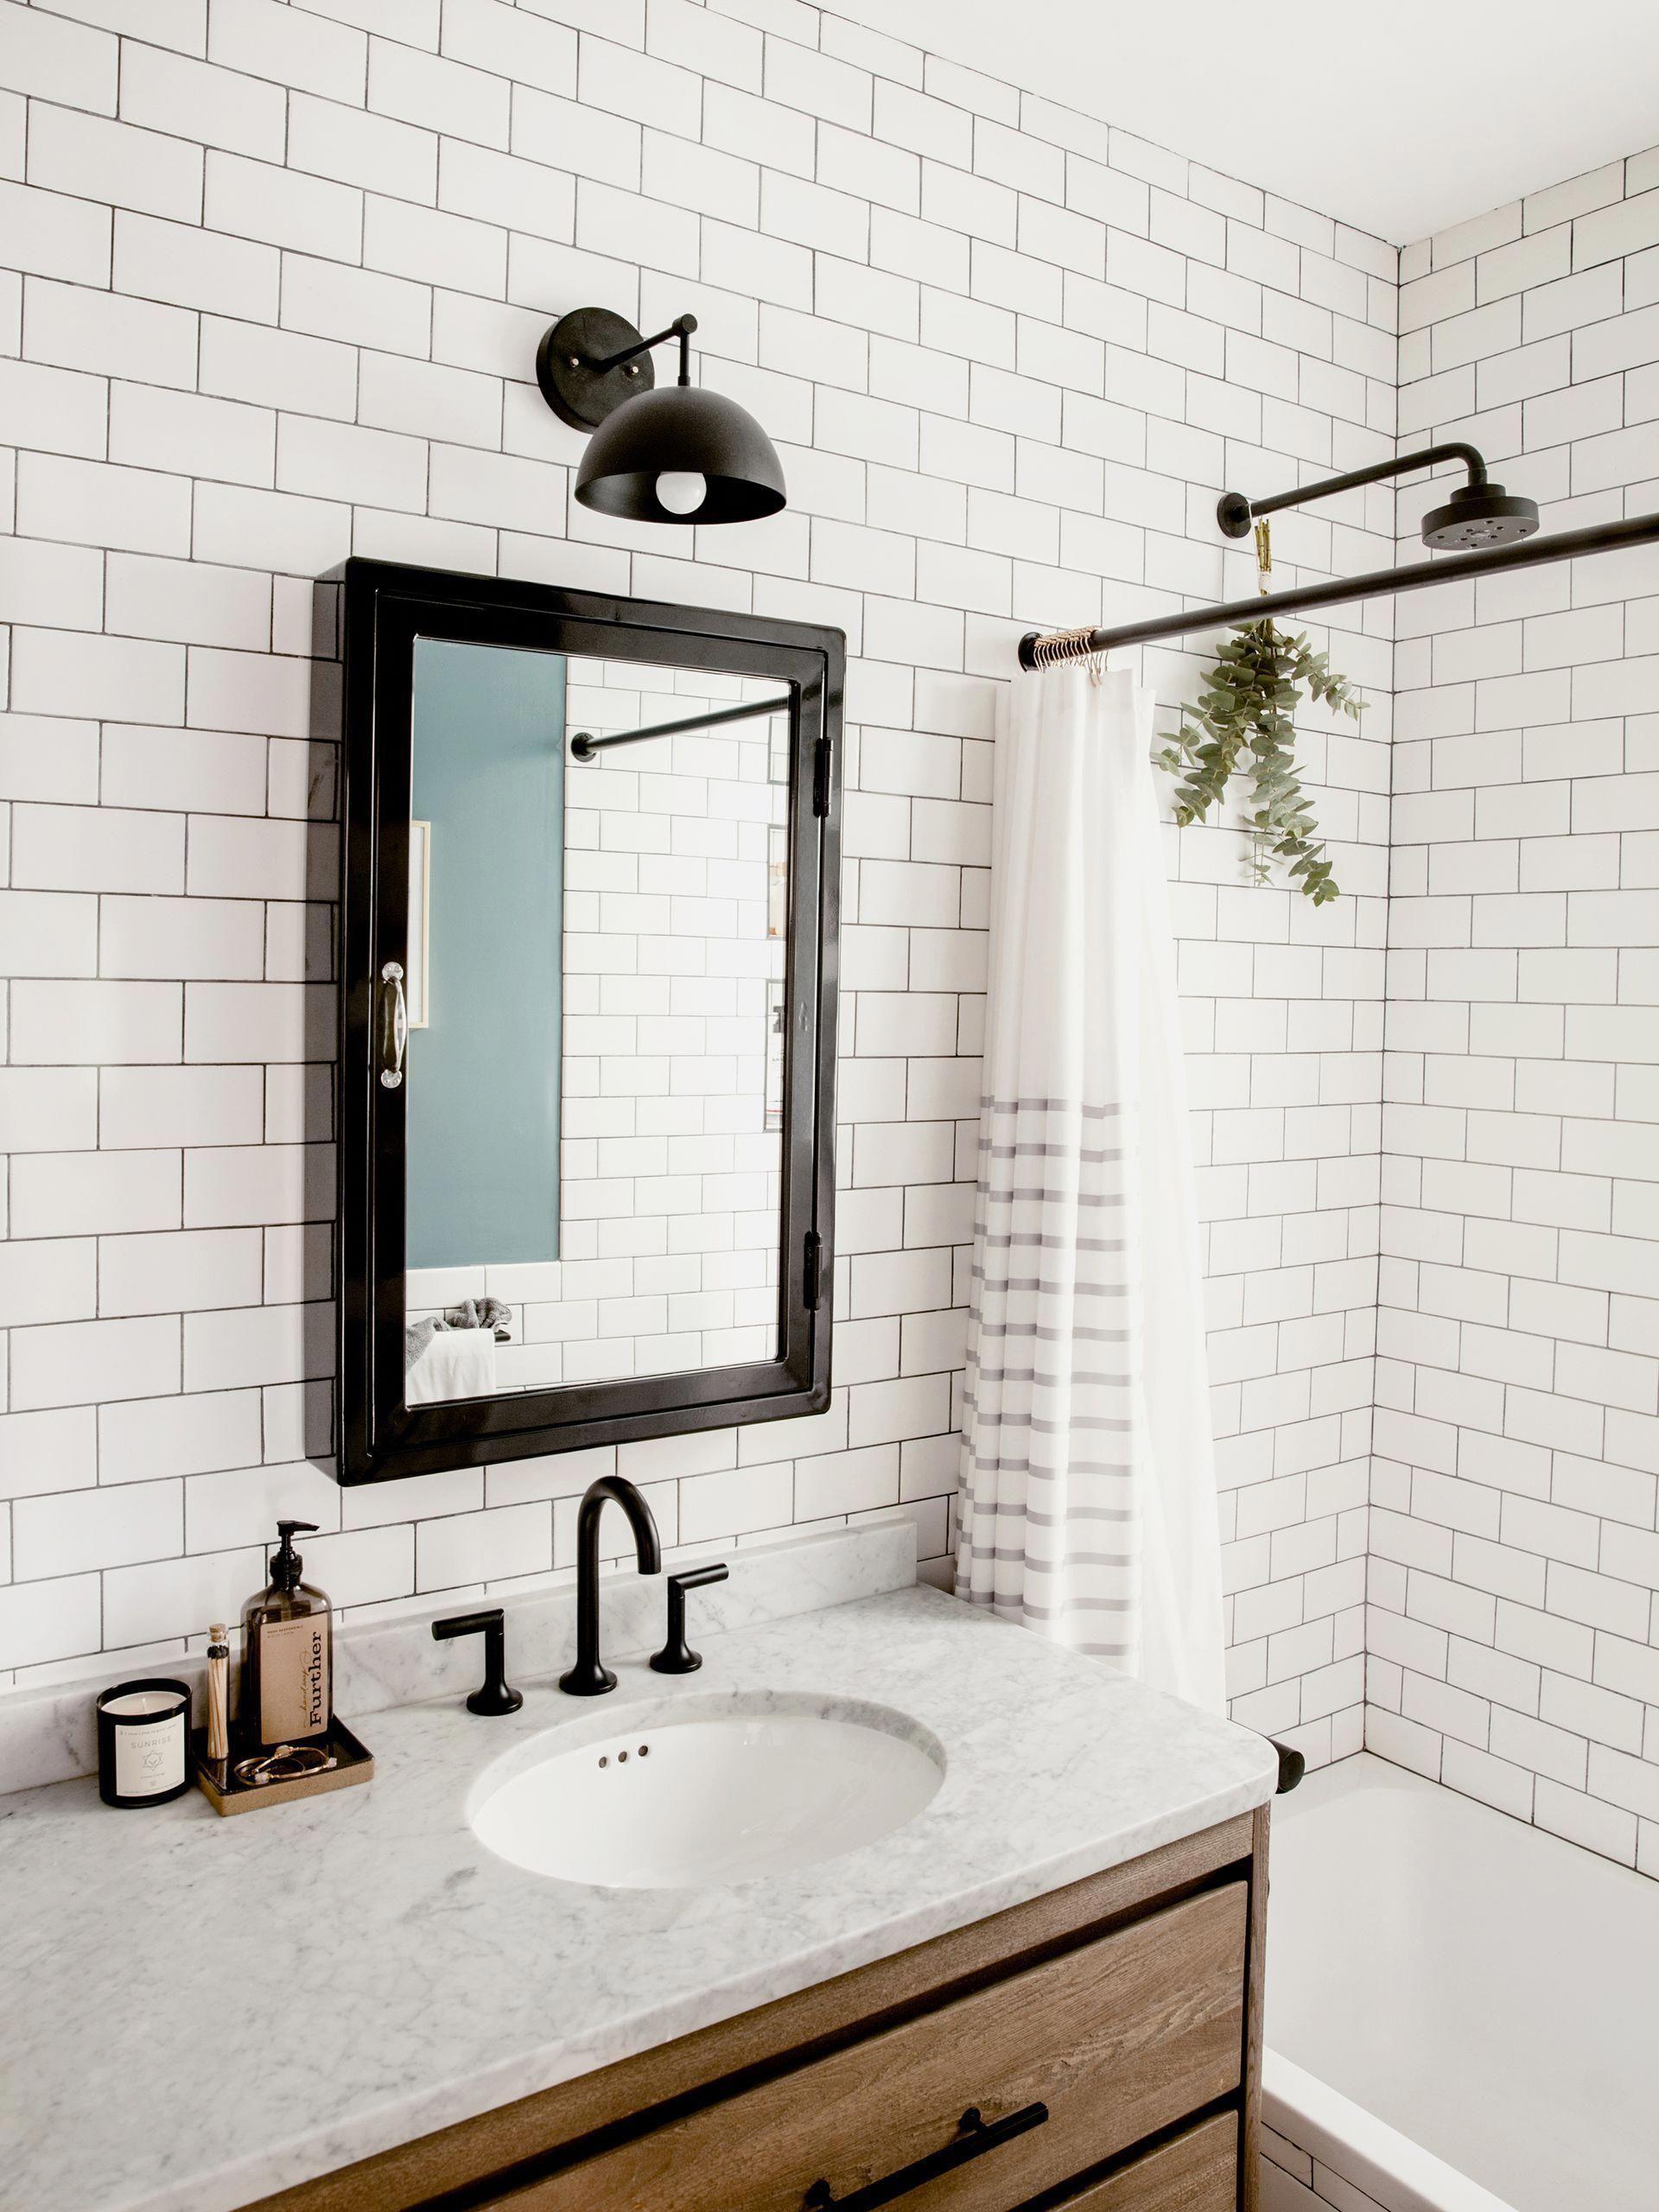 Photo of Copper bathroom fixtures, modern bathroom lighting – bathroom fixtures crossword …